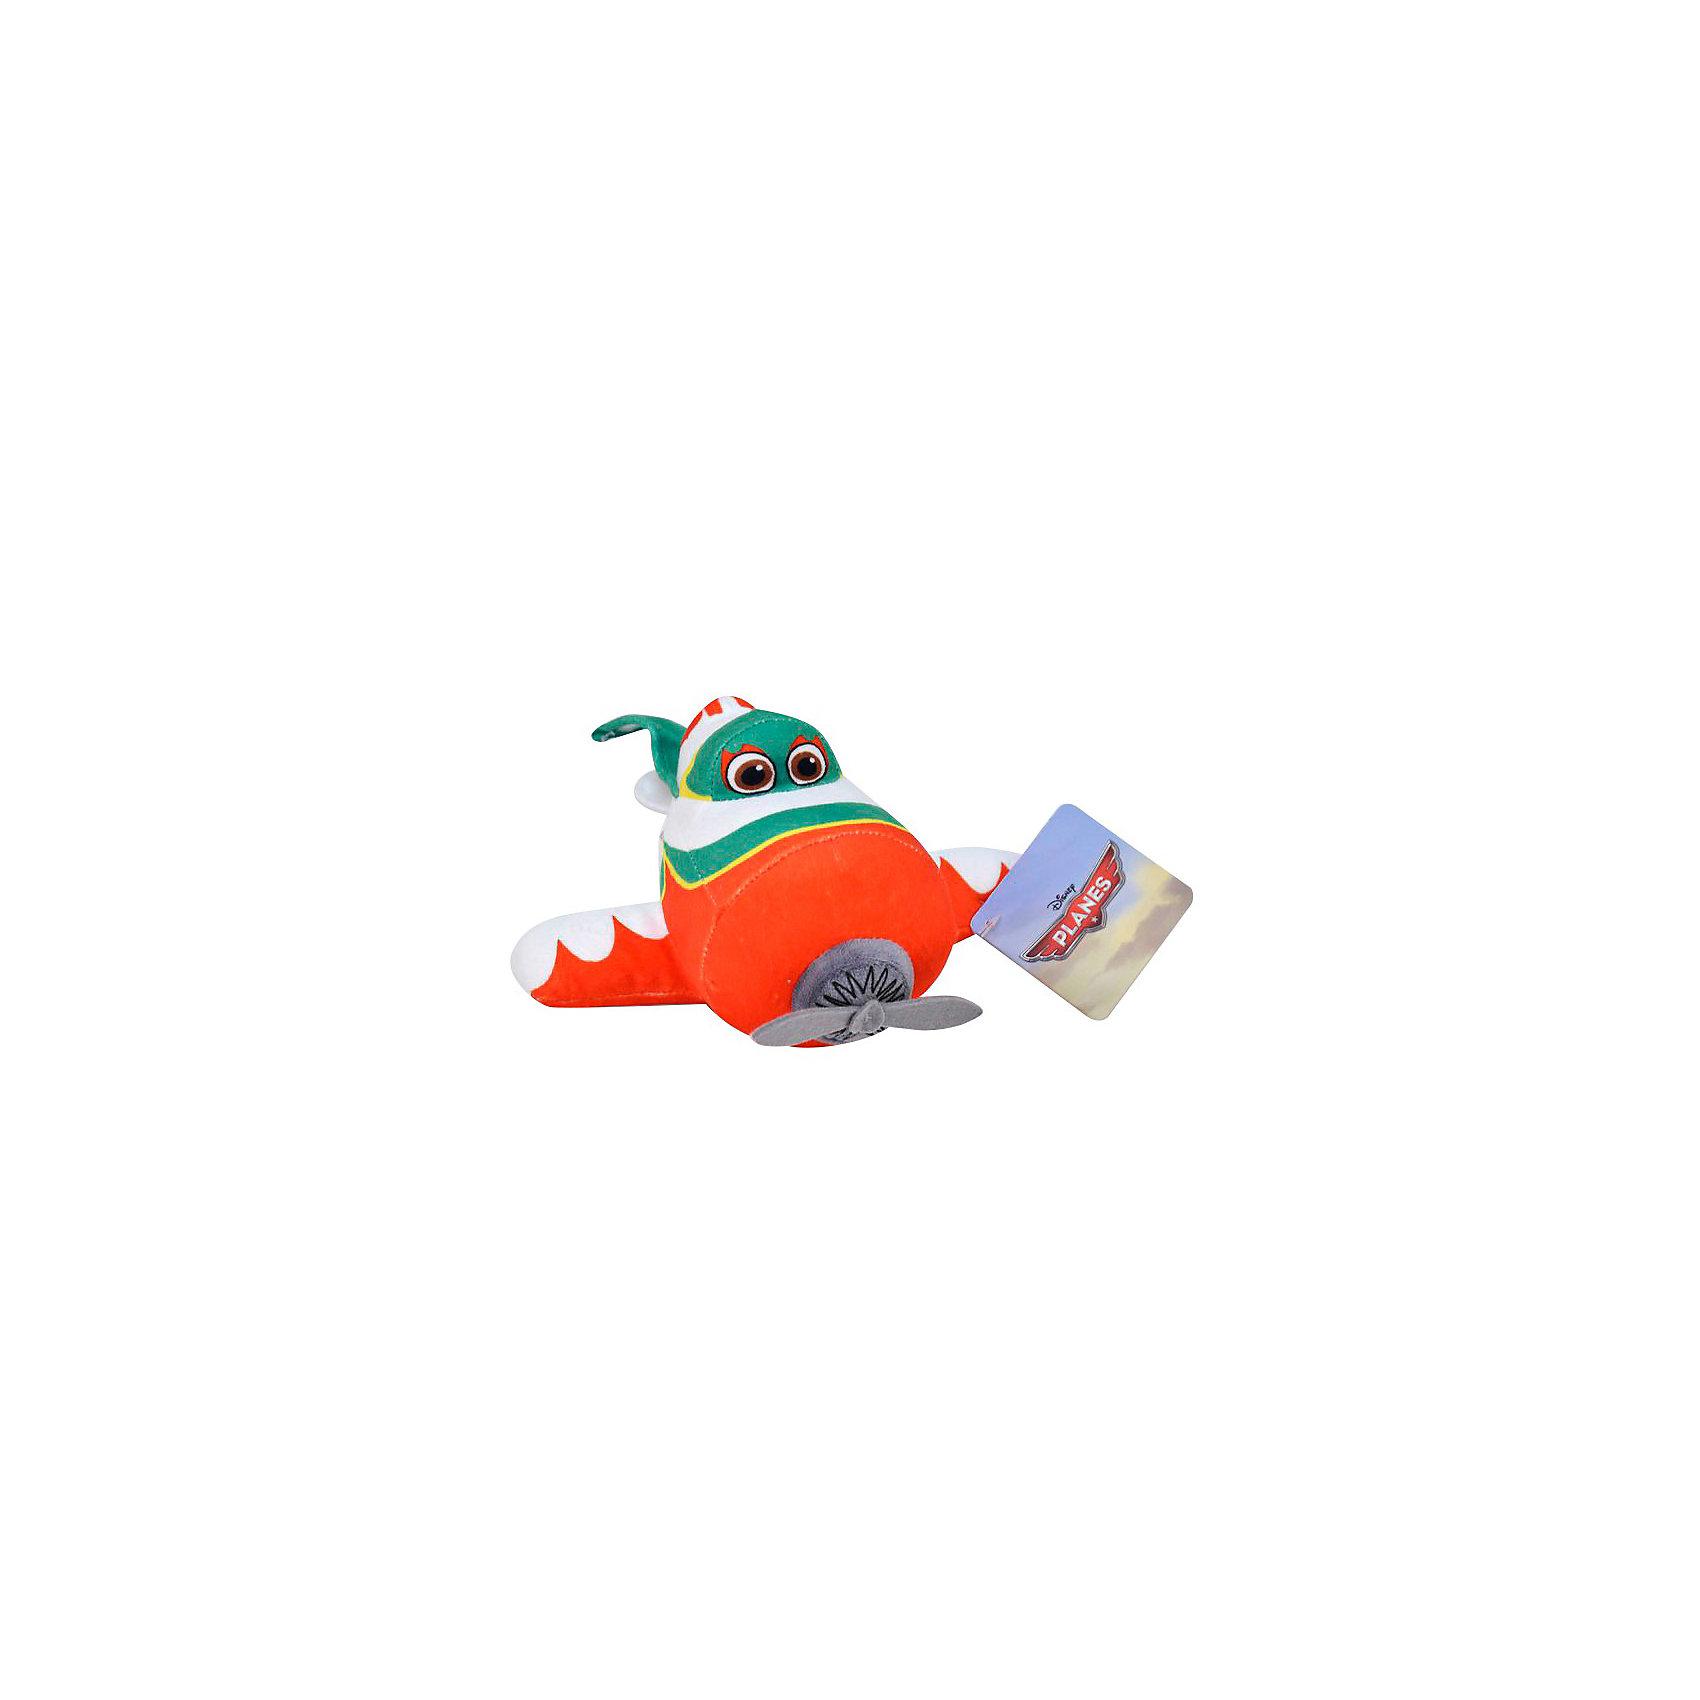 Disney Мягкая игрушка Эль Чу, 20 см, Самолеты мягкая игрушка свинка disney хрюня 25 см розовый текстиль 6901014010594